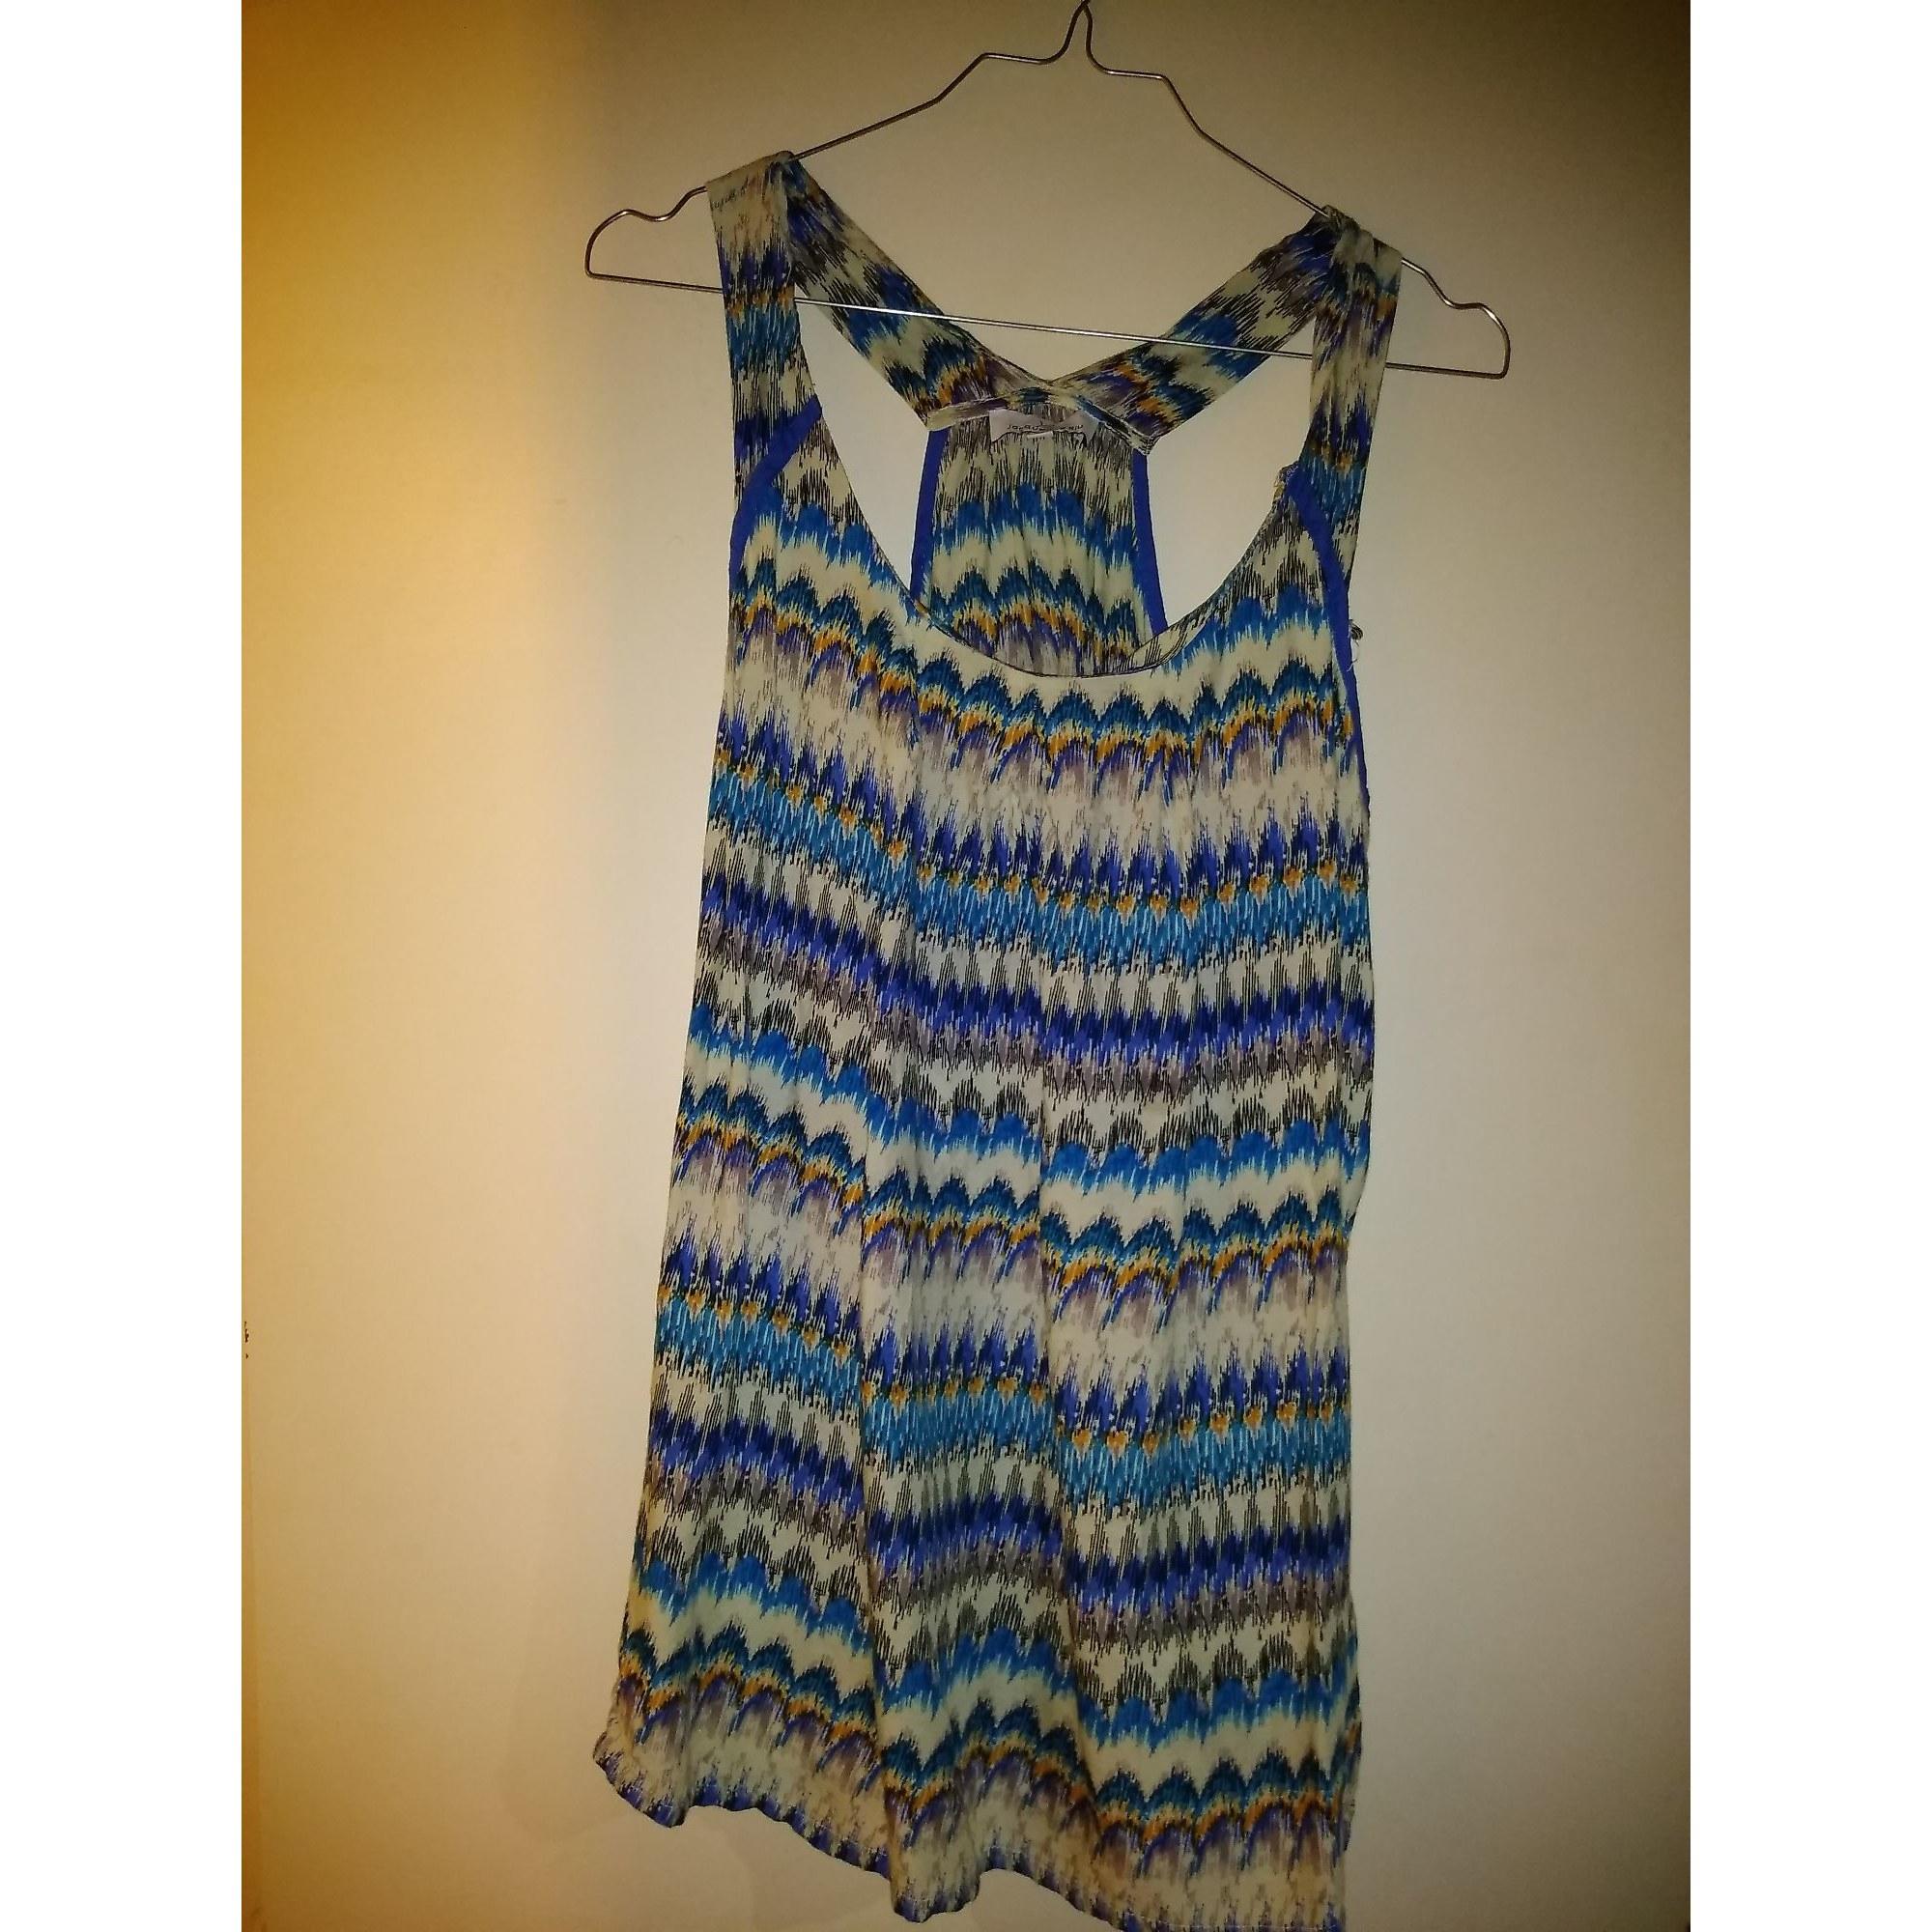 Top, tee-shirt JACQUELINE RIU Bleu, bleu marine, bleu turquoise